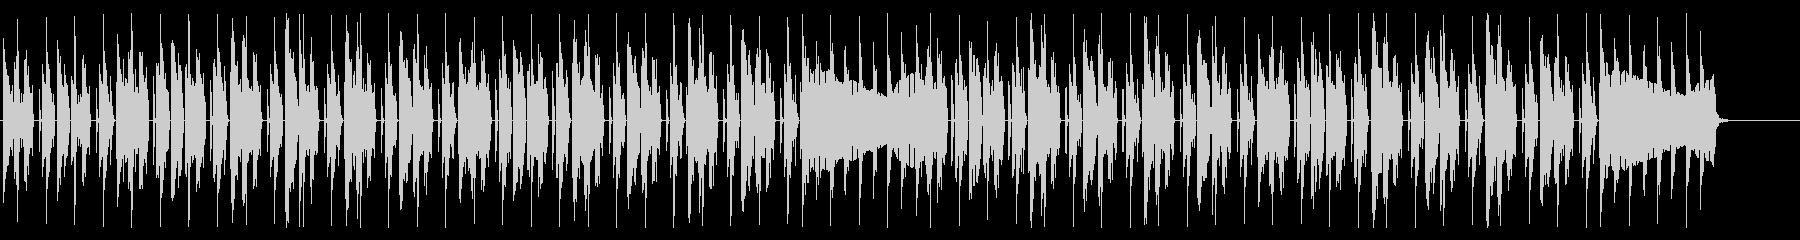 怪しげなダンジョンを意識したBGMの未再生の波形